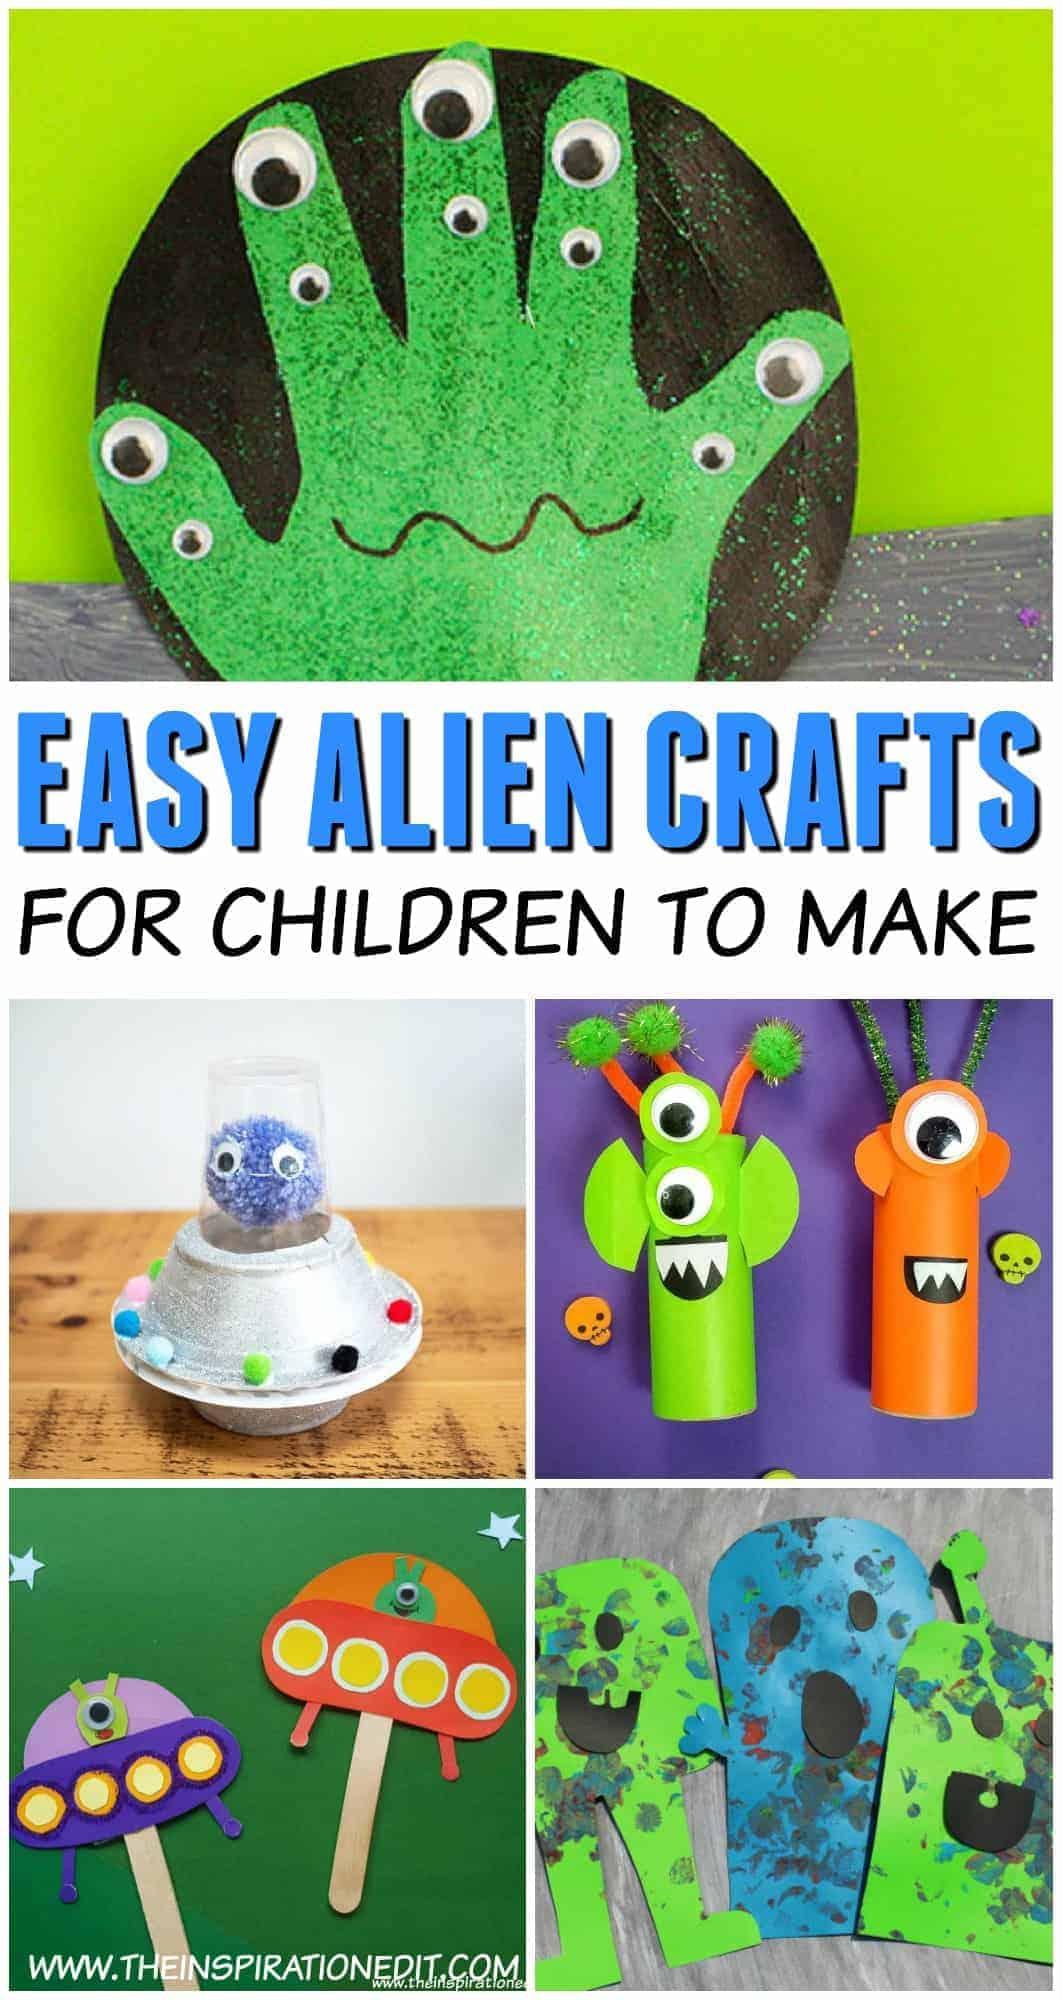 Alien crafts for preschool kids